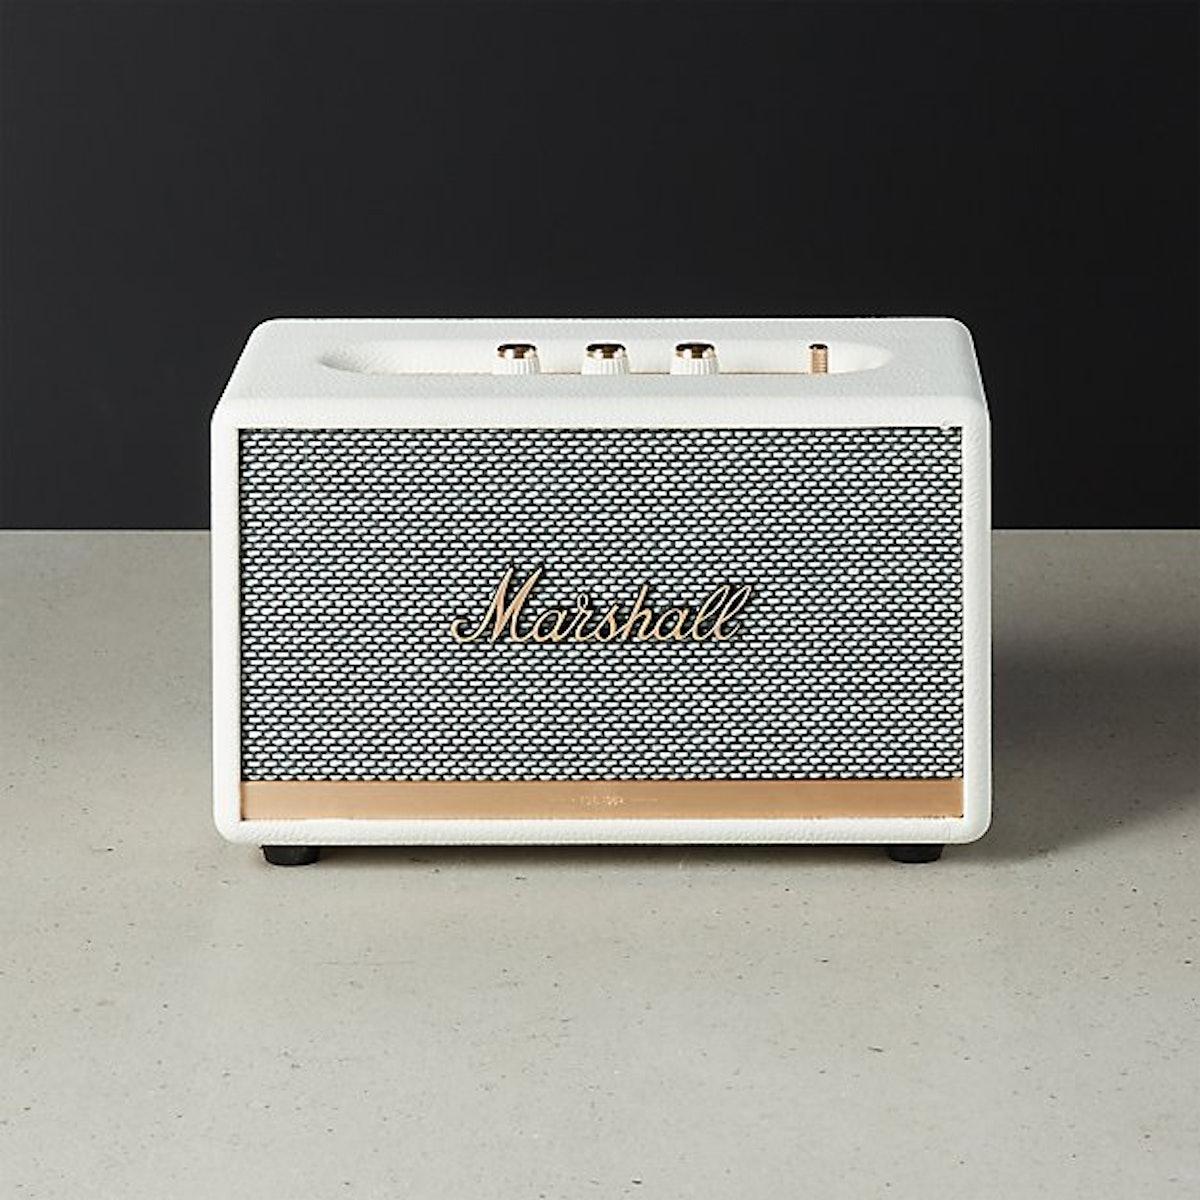 Marshall Action II Cream Bluetooth Speaker